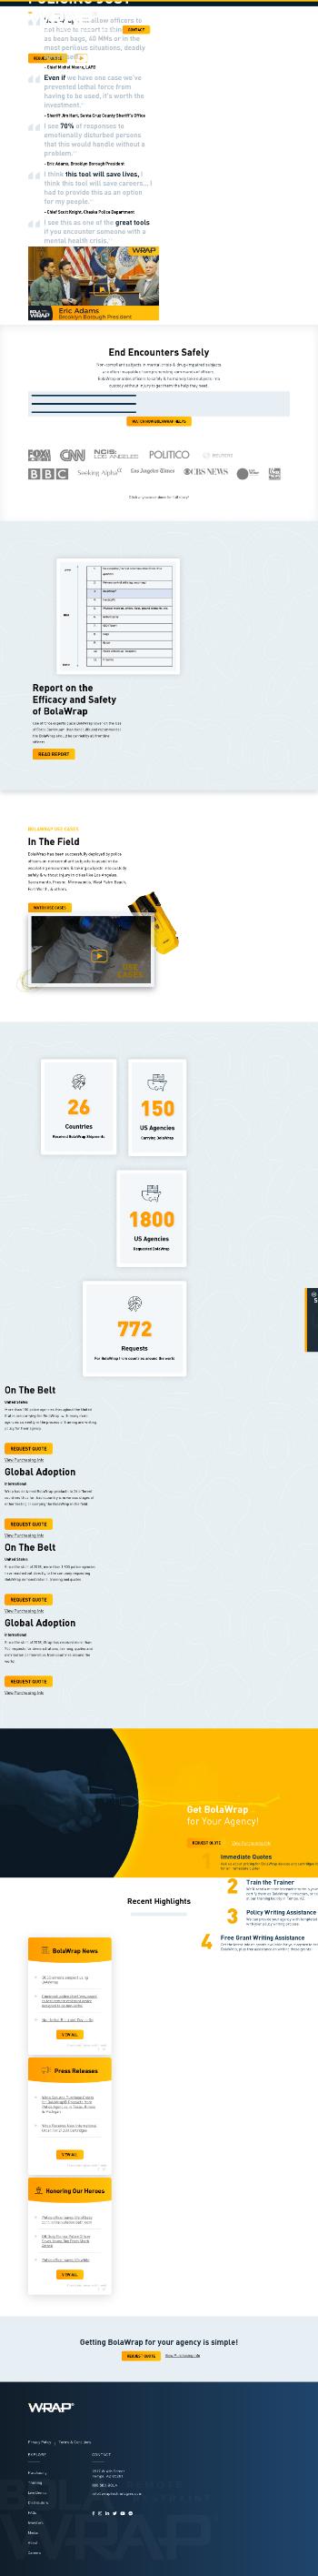 Wrap Technologies, Inc. Website Screenshot